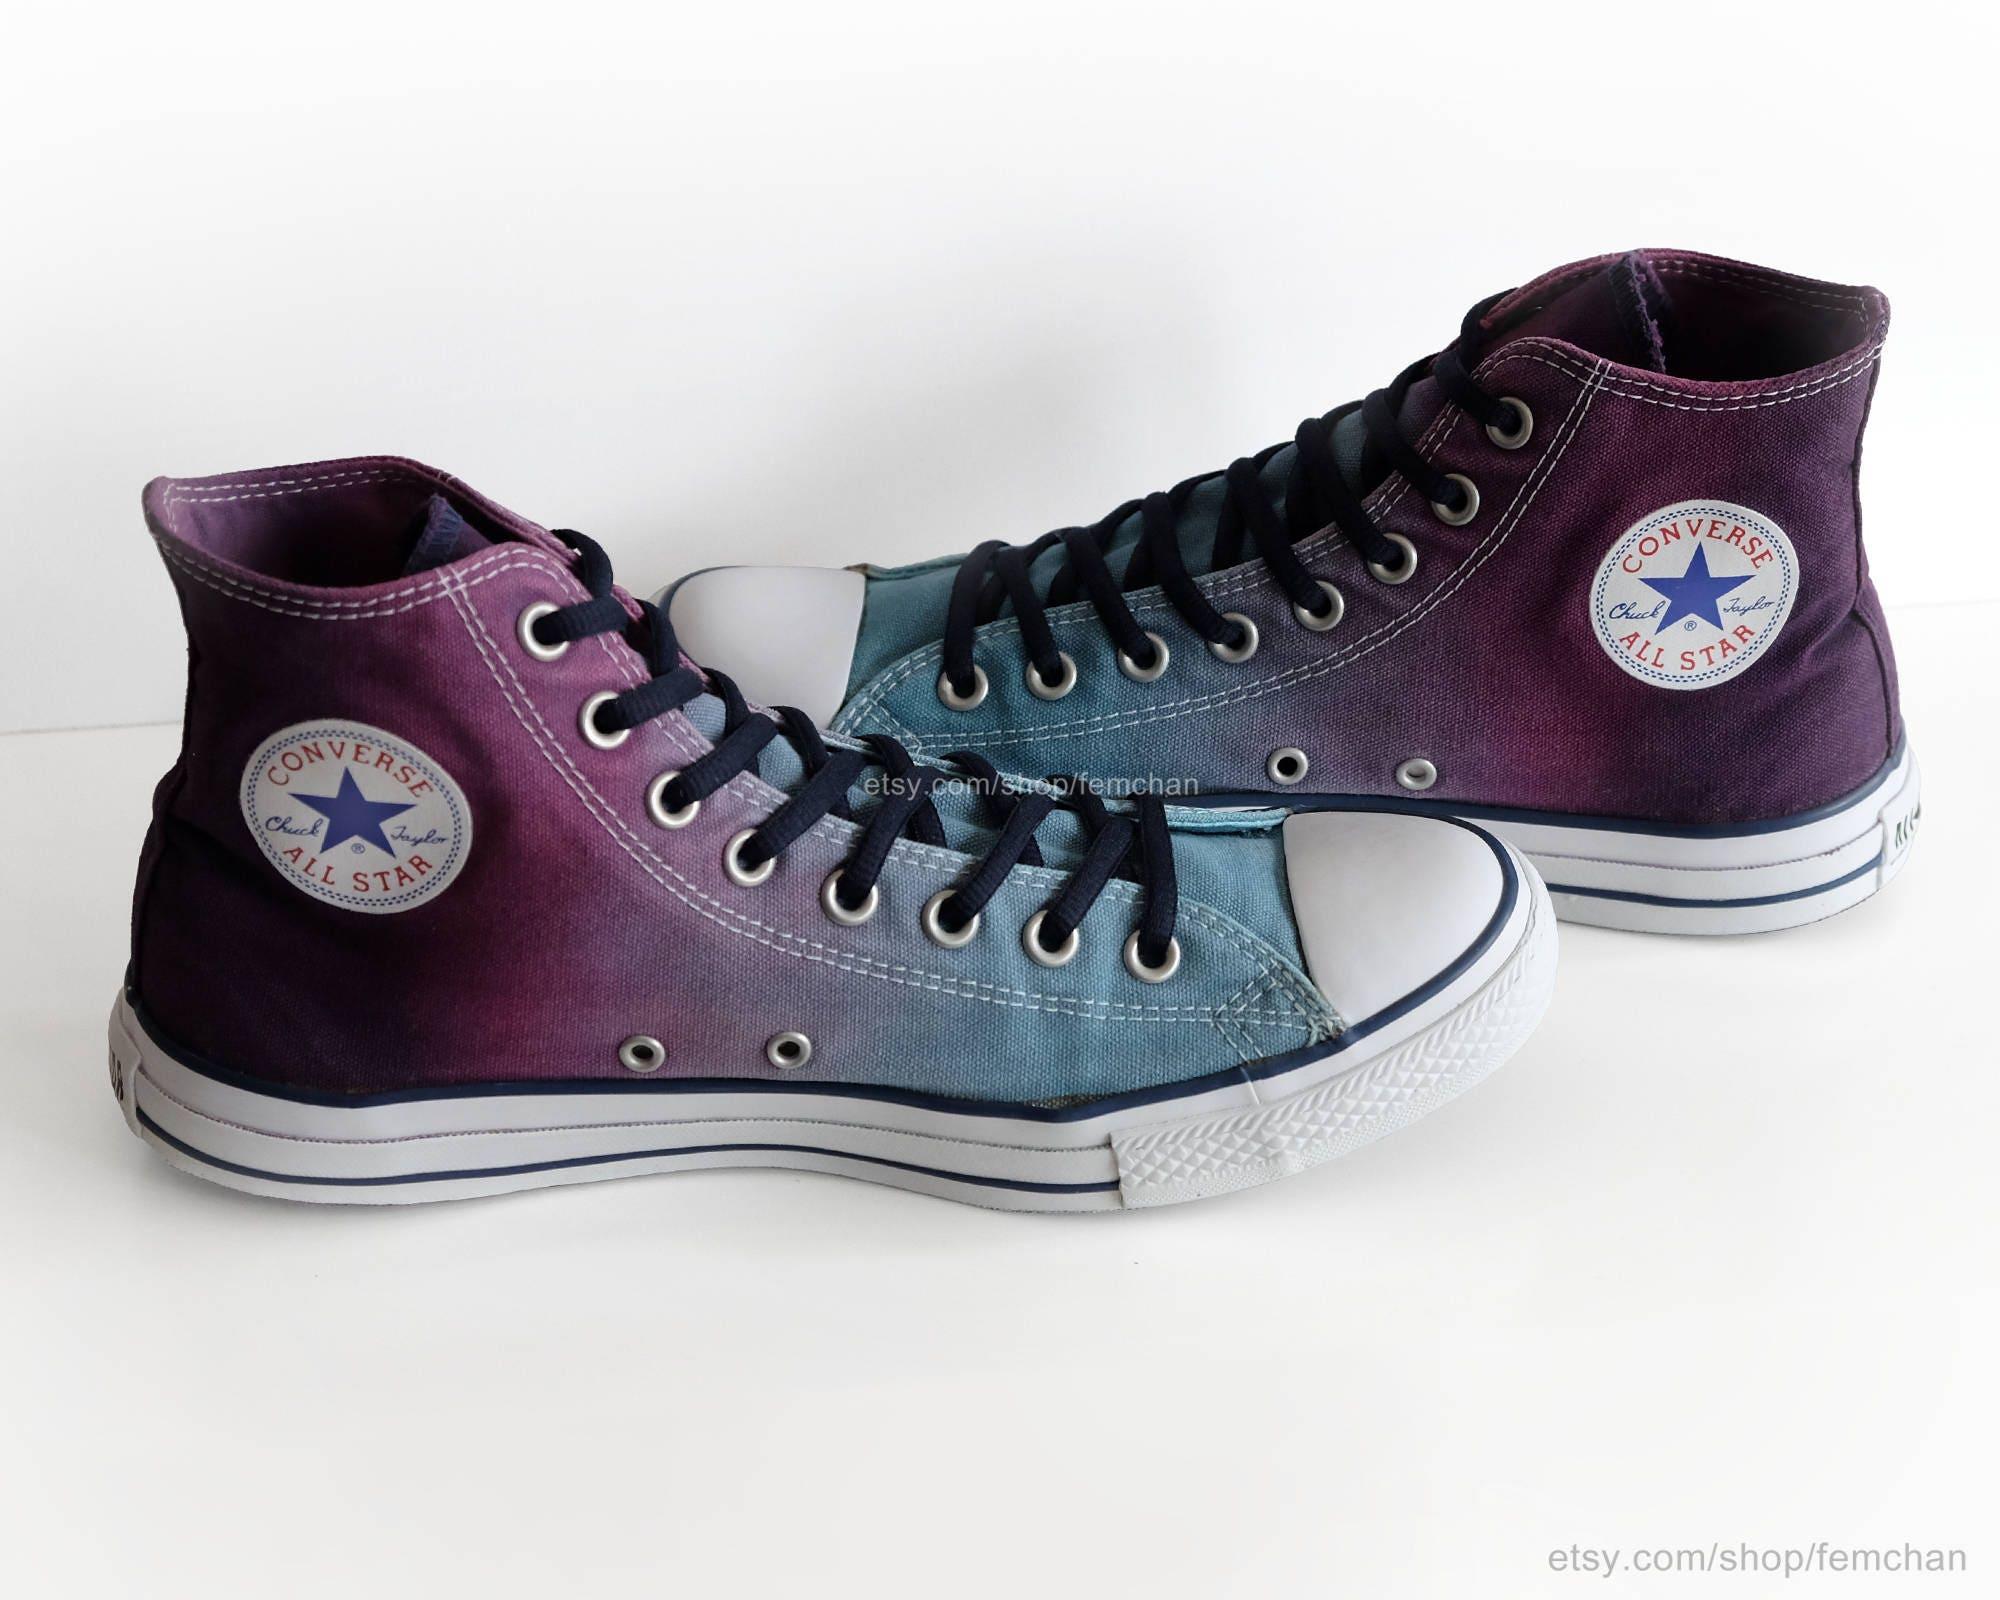 Converse All montantes, Stars, baskets montantes, All chaussures transformées, bleu glacier, violet, vin, pointure EU 44 (UK 10, us Hommes  10, us wo's 12) 2962aa